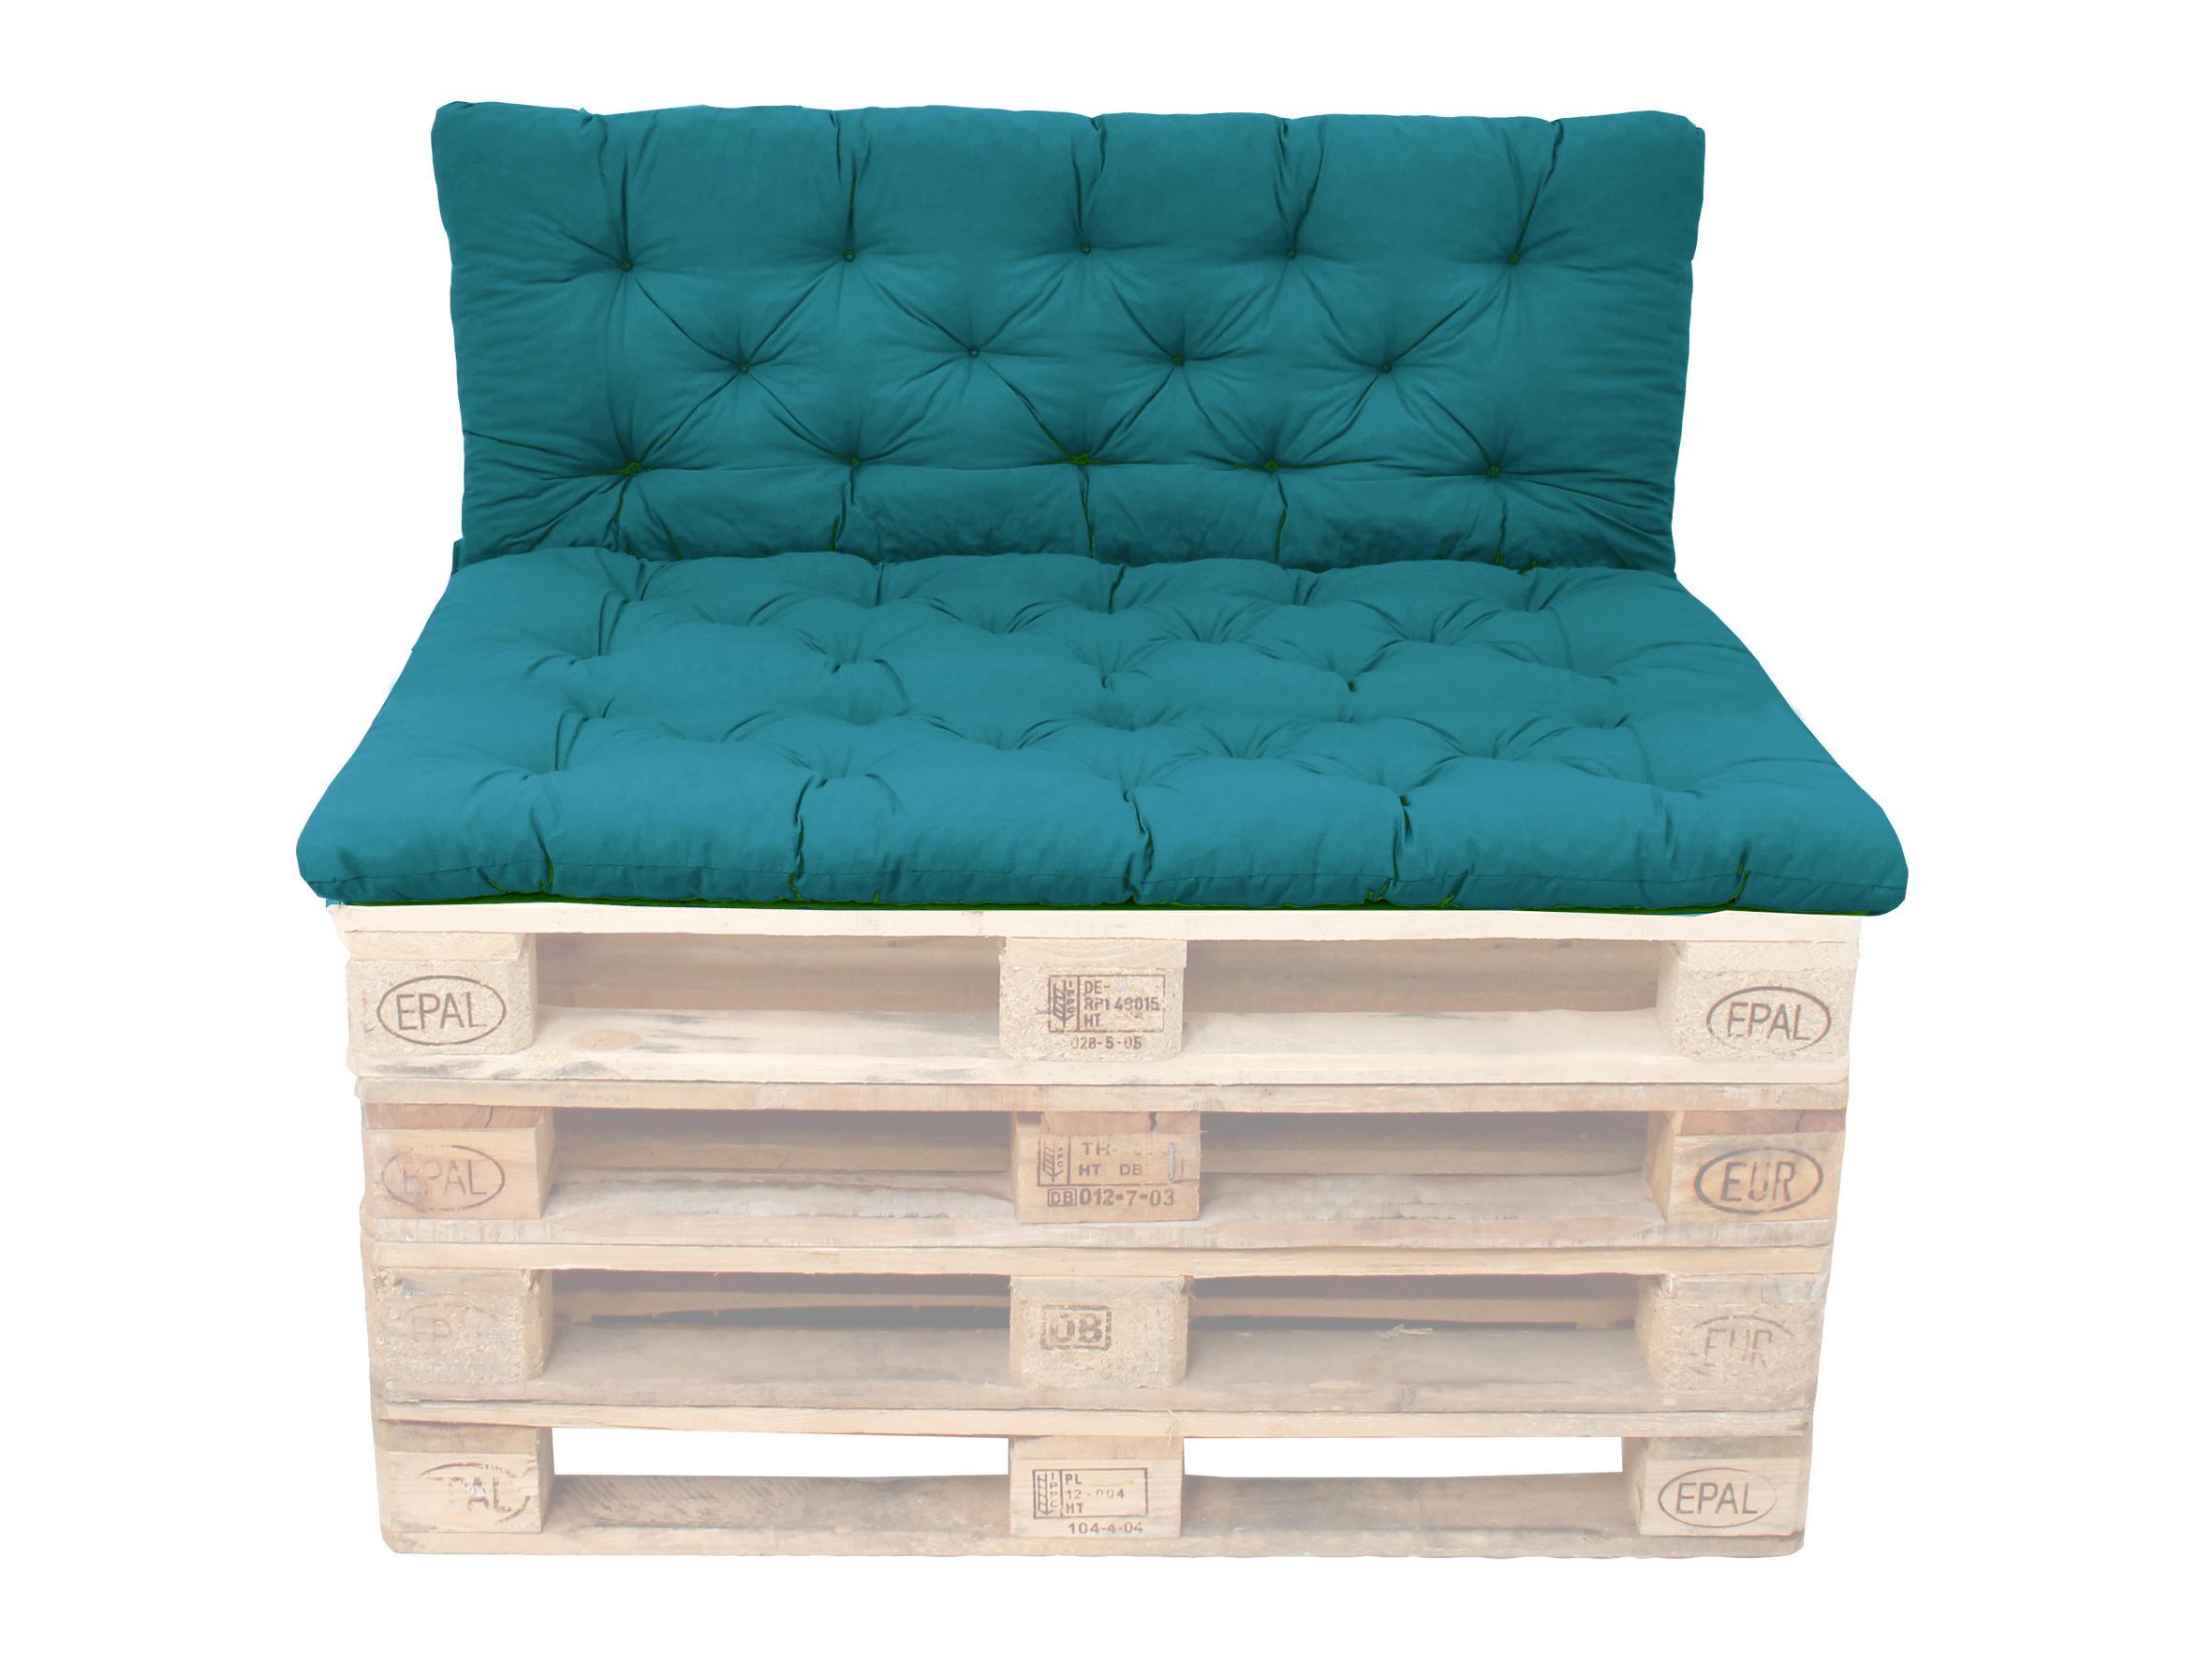 ambientehome palettenkissen mit r ckenlehne blau sitzpolster 120 x 80 r ckenkissen 120 x 60. Black Bedroom Furniture Sets. Home Design Ideas